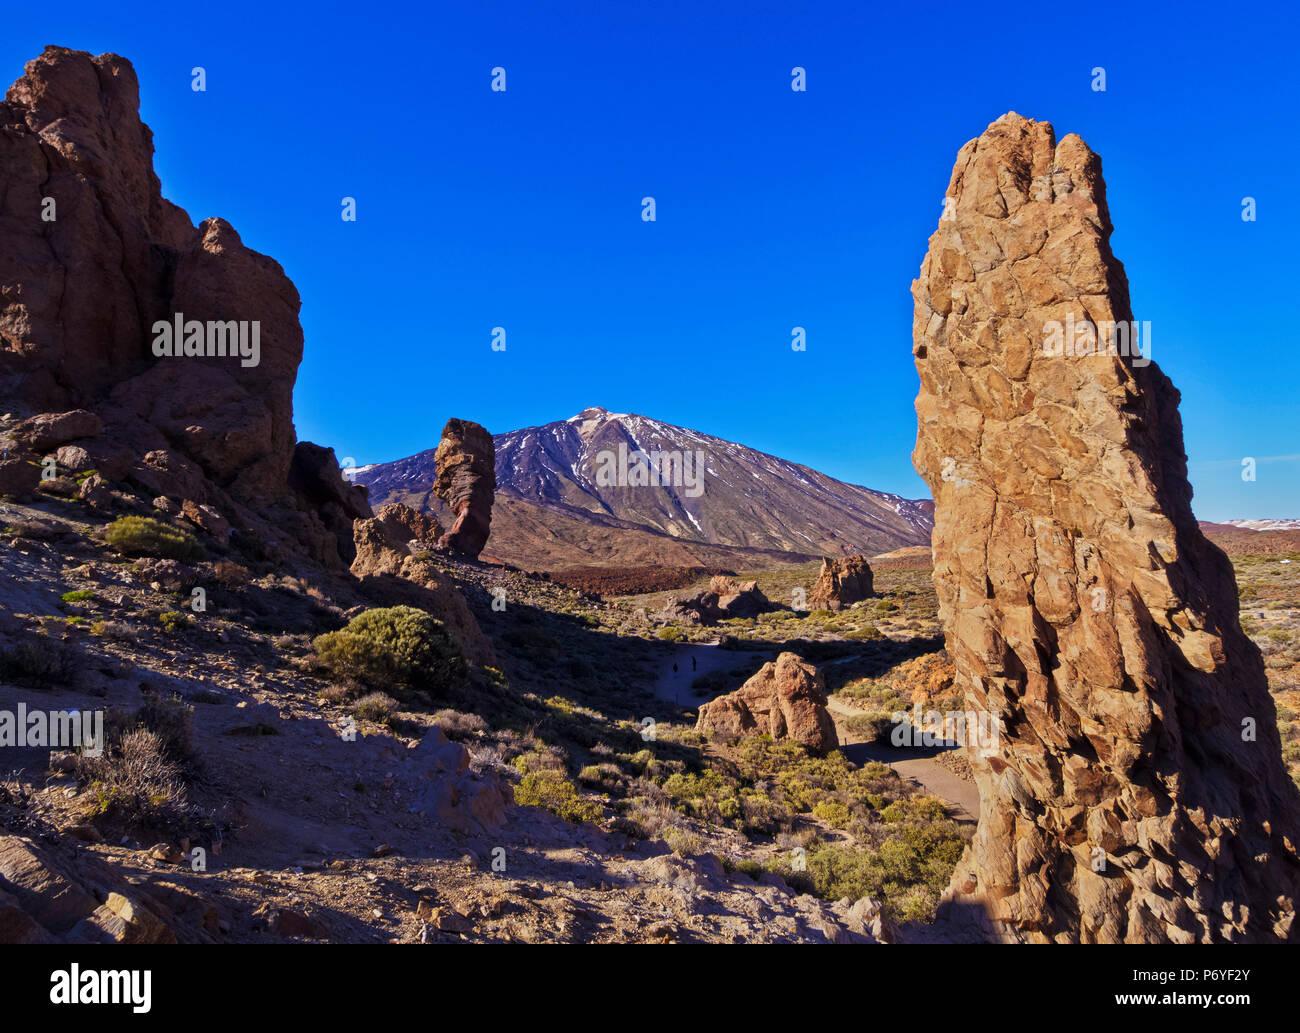 Spanien, Kanarische Inseln, Teneriffa, Teide Nationalpark, mit Blick auf die Garcia Felsen und Teide. Stockfoto